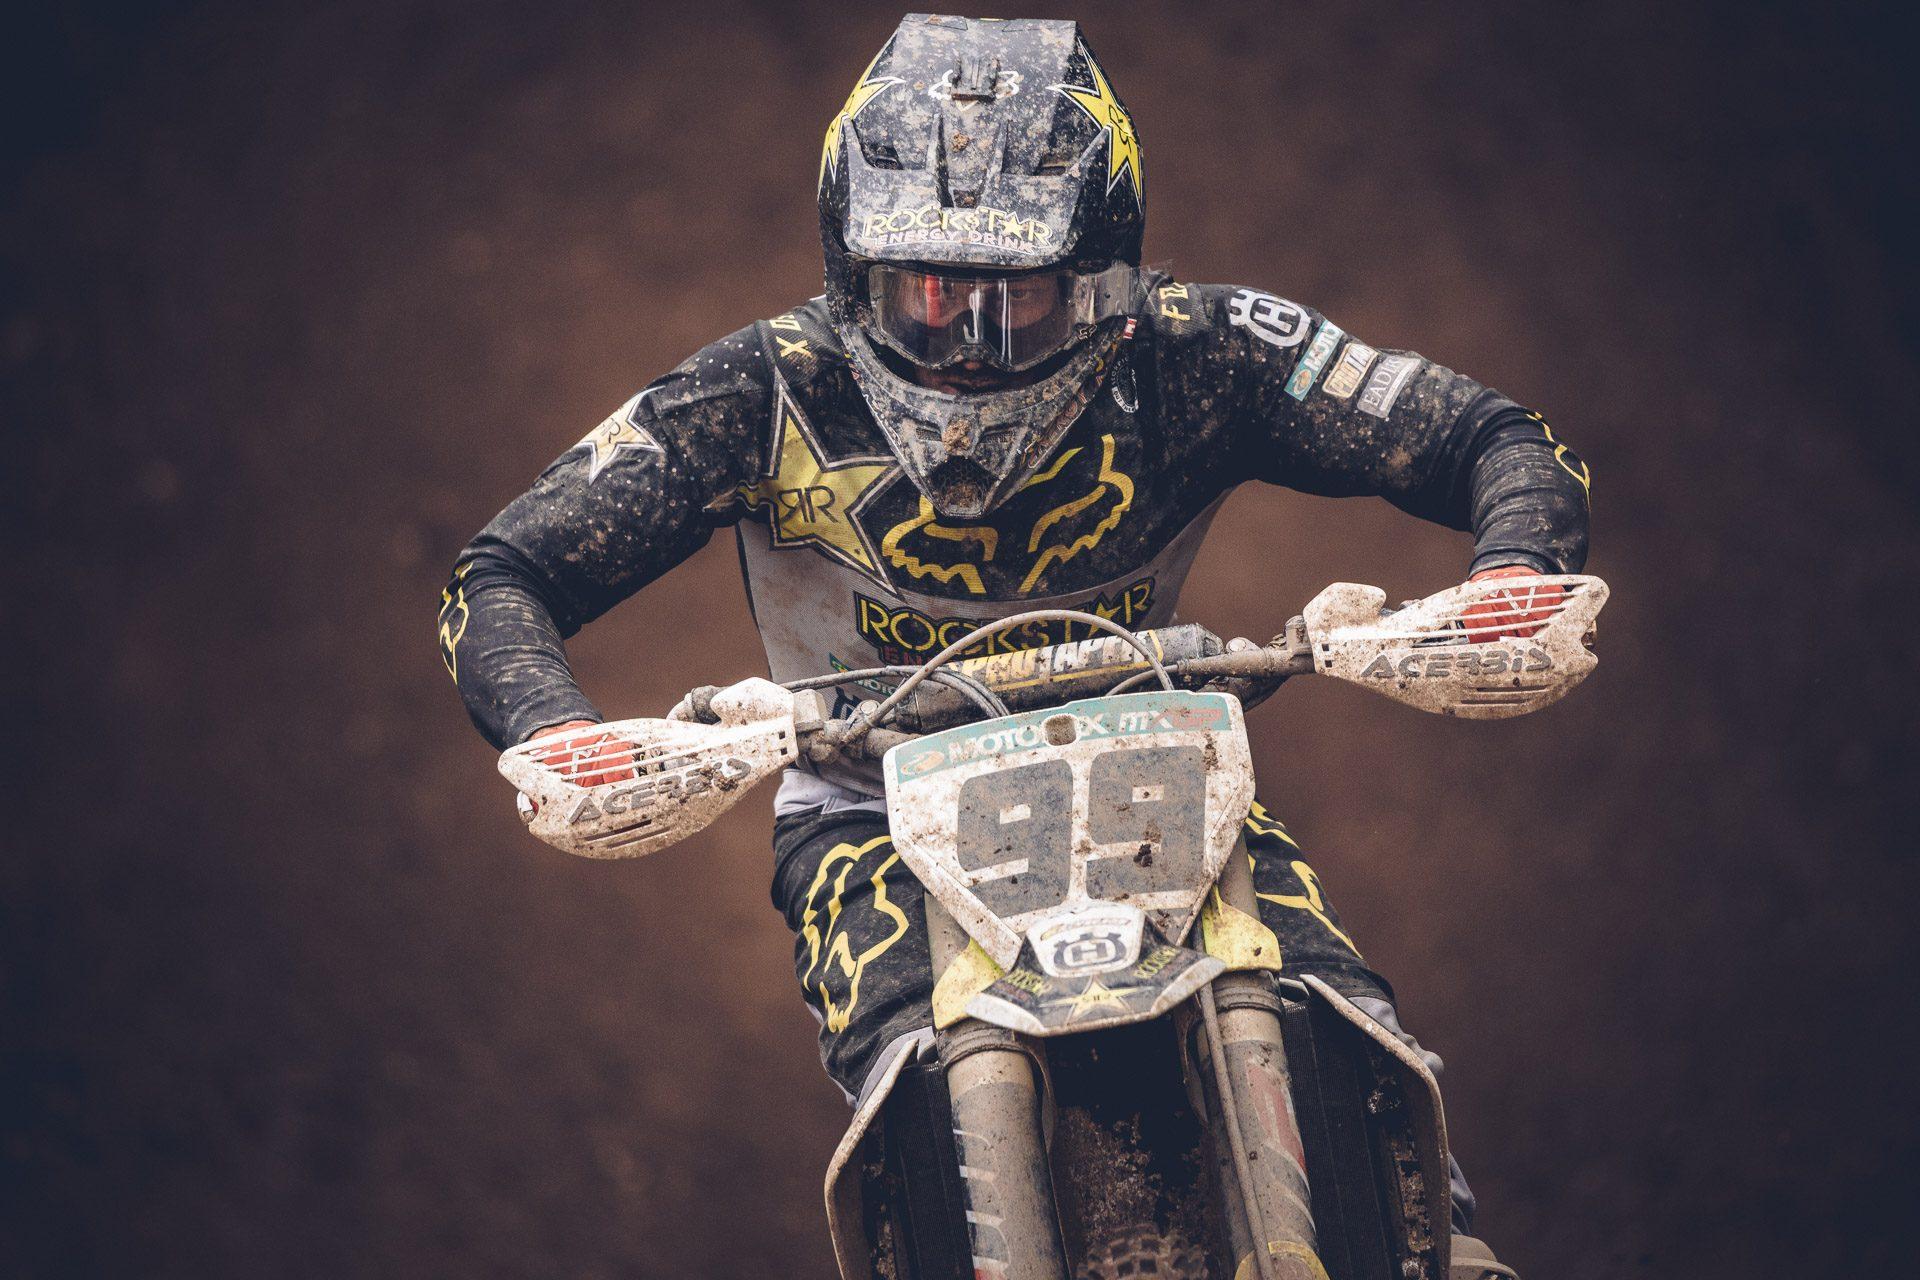 Mistrovství-světa-v-motokrosu-Loket-2018-040